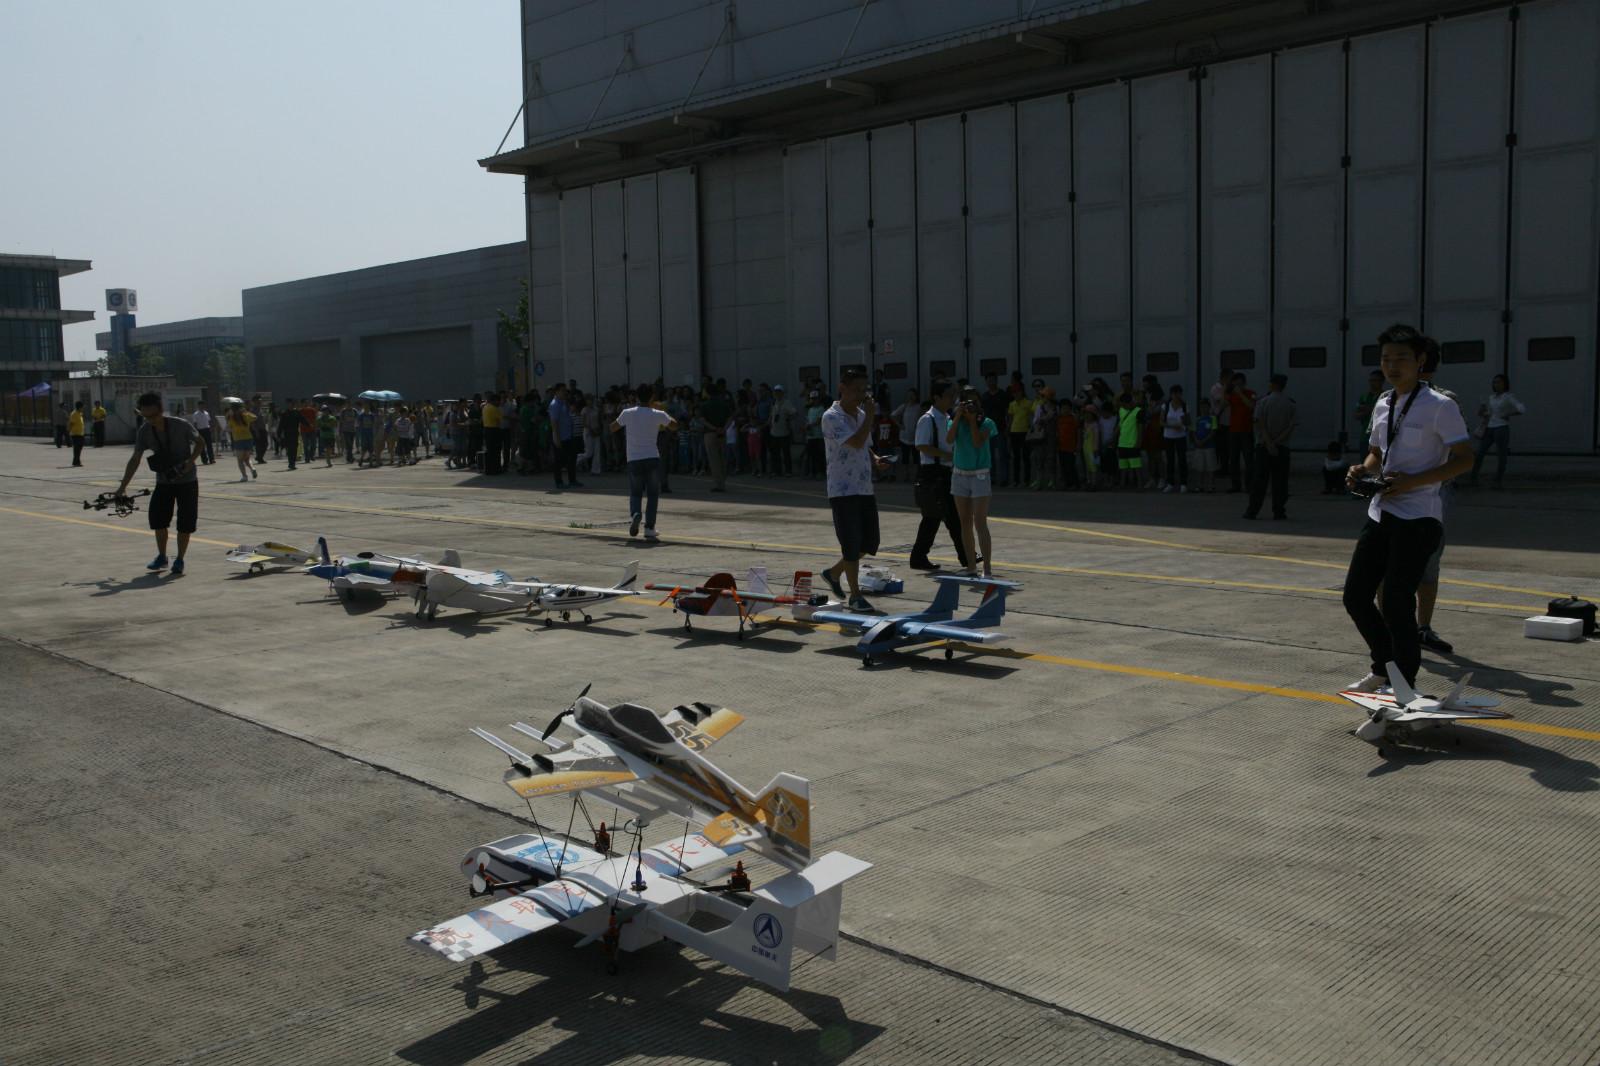 航空学院无人机对外活动